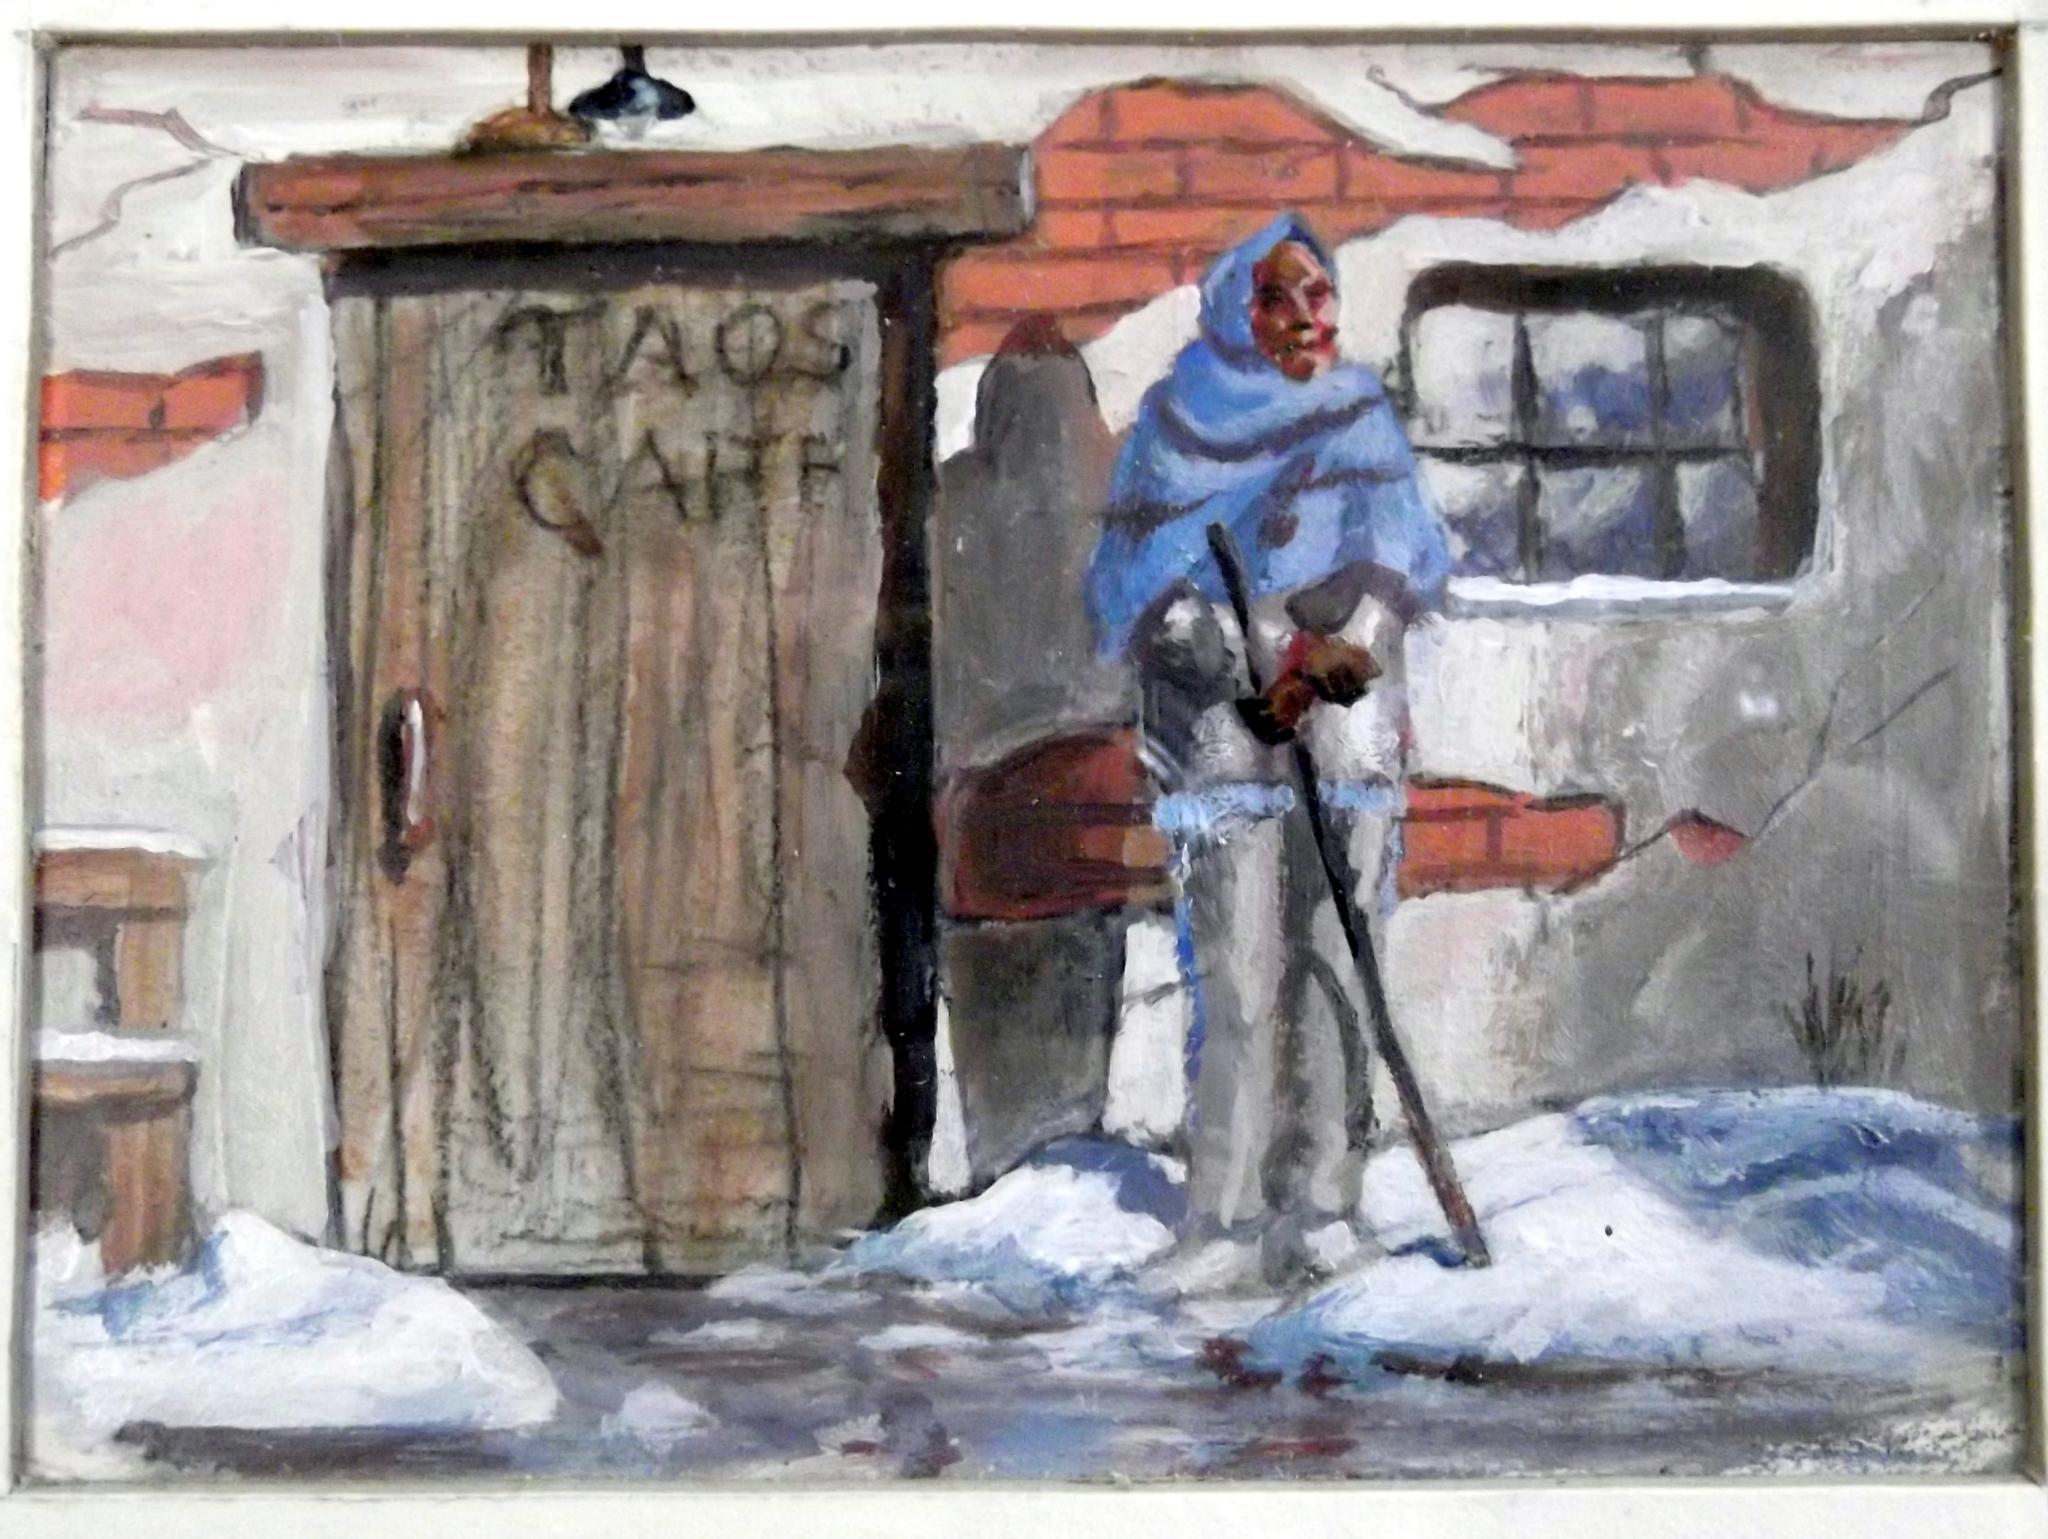 Taos, 1943   Dave Holt